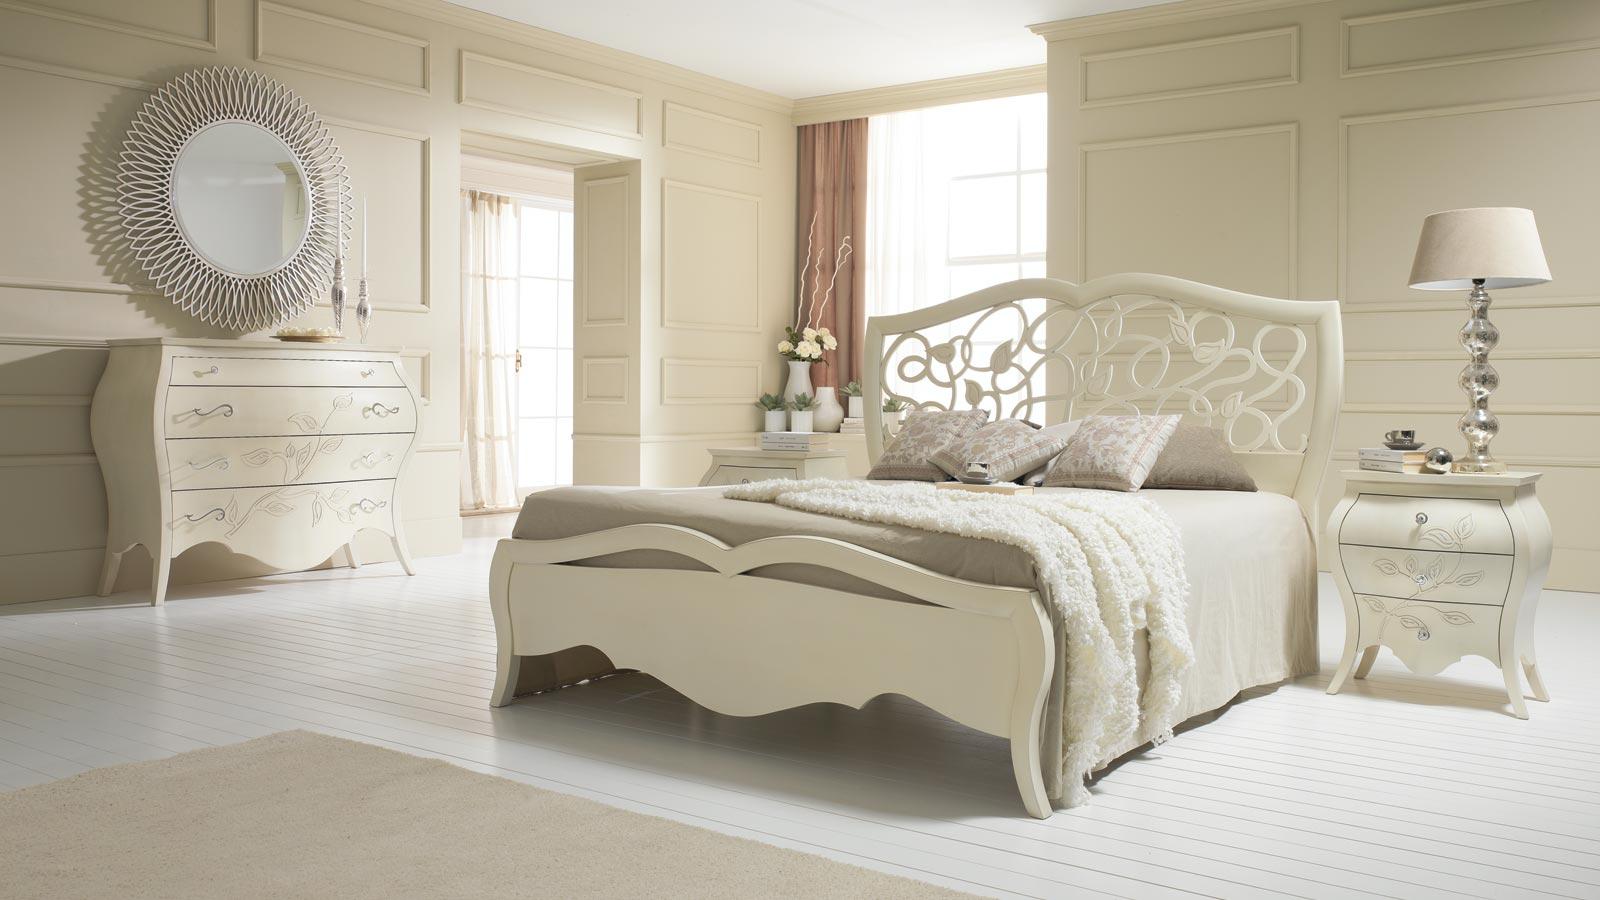 Decorilumina los muebles blancos que iluminan la casa for La casa muebles